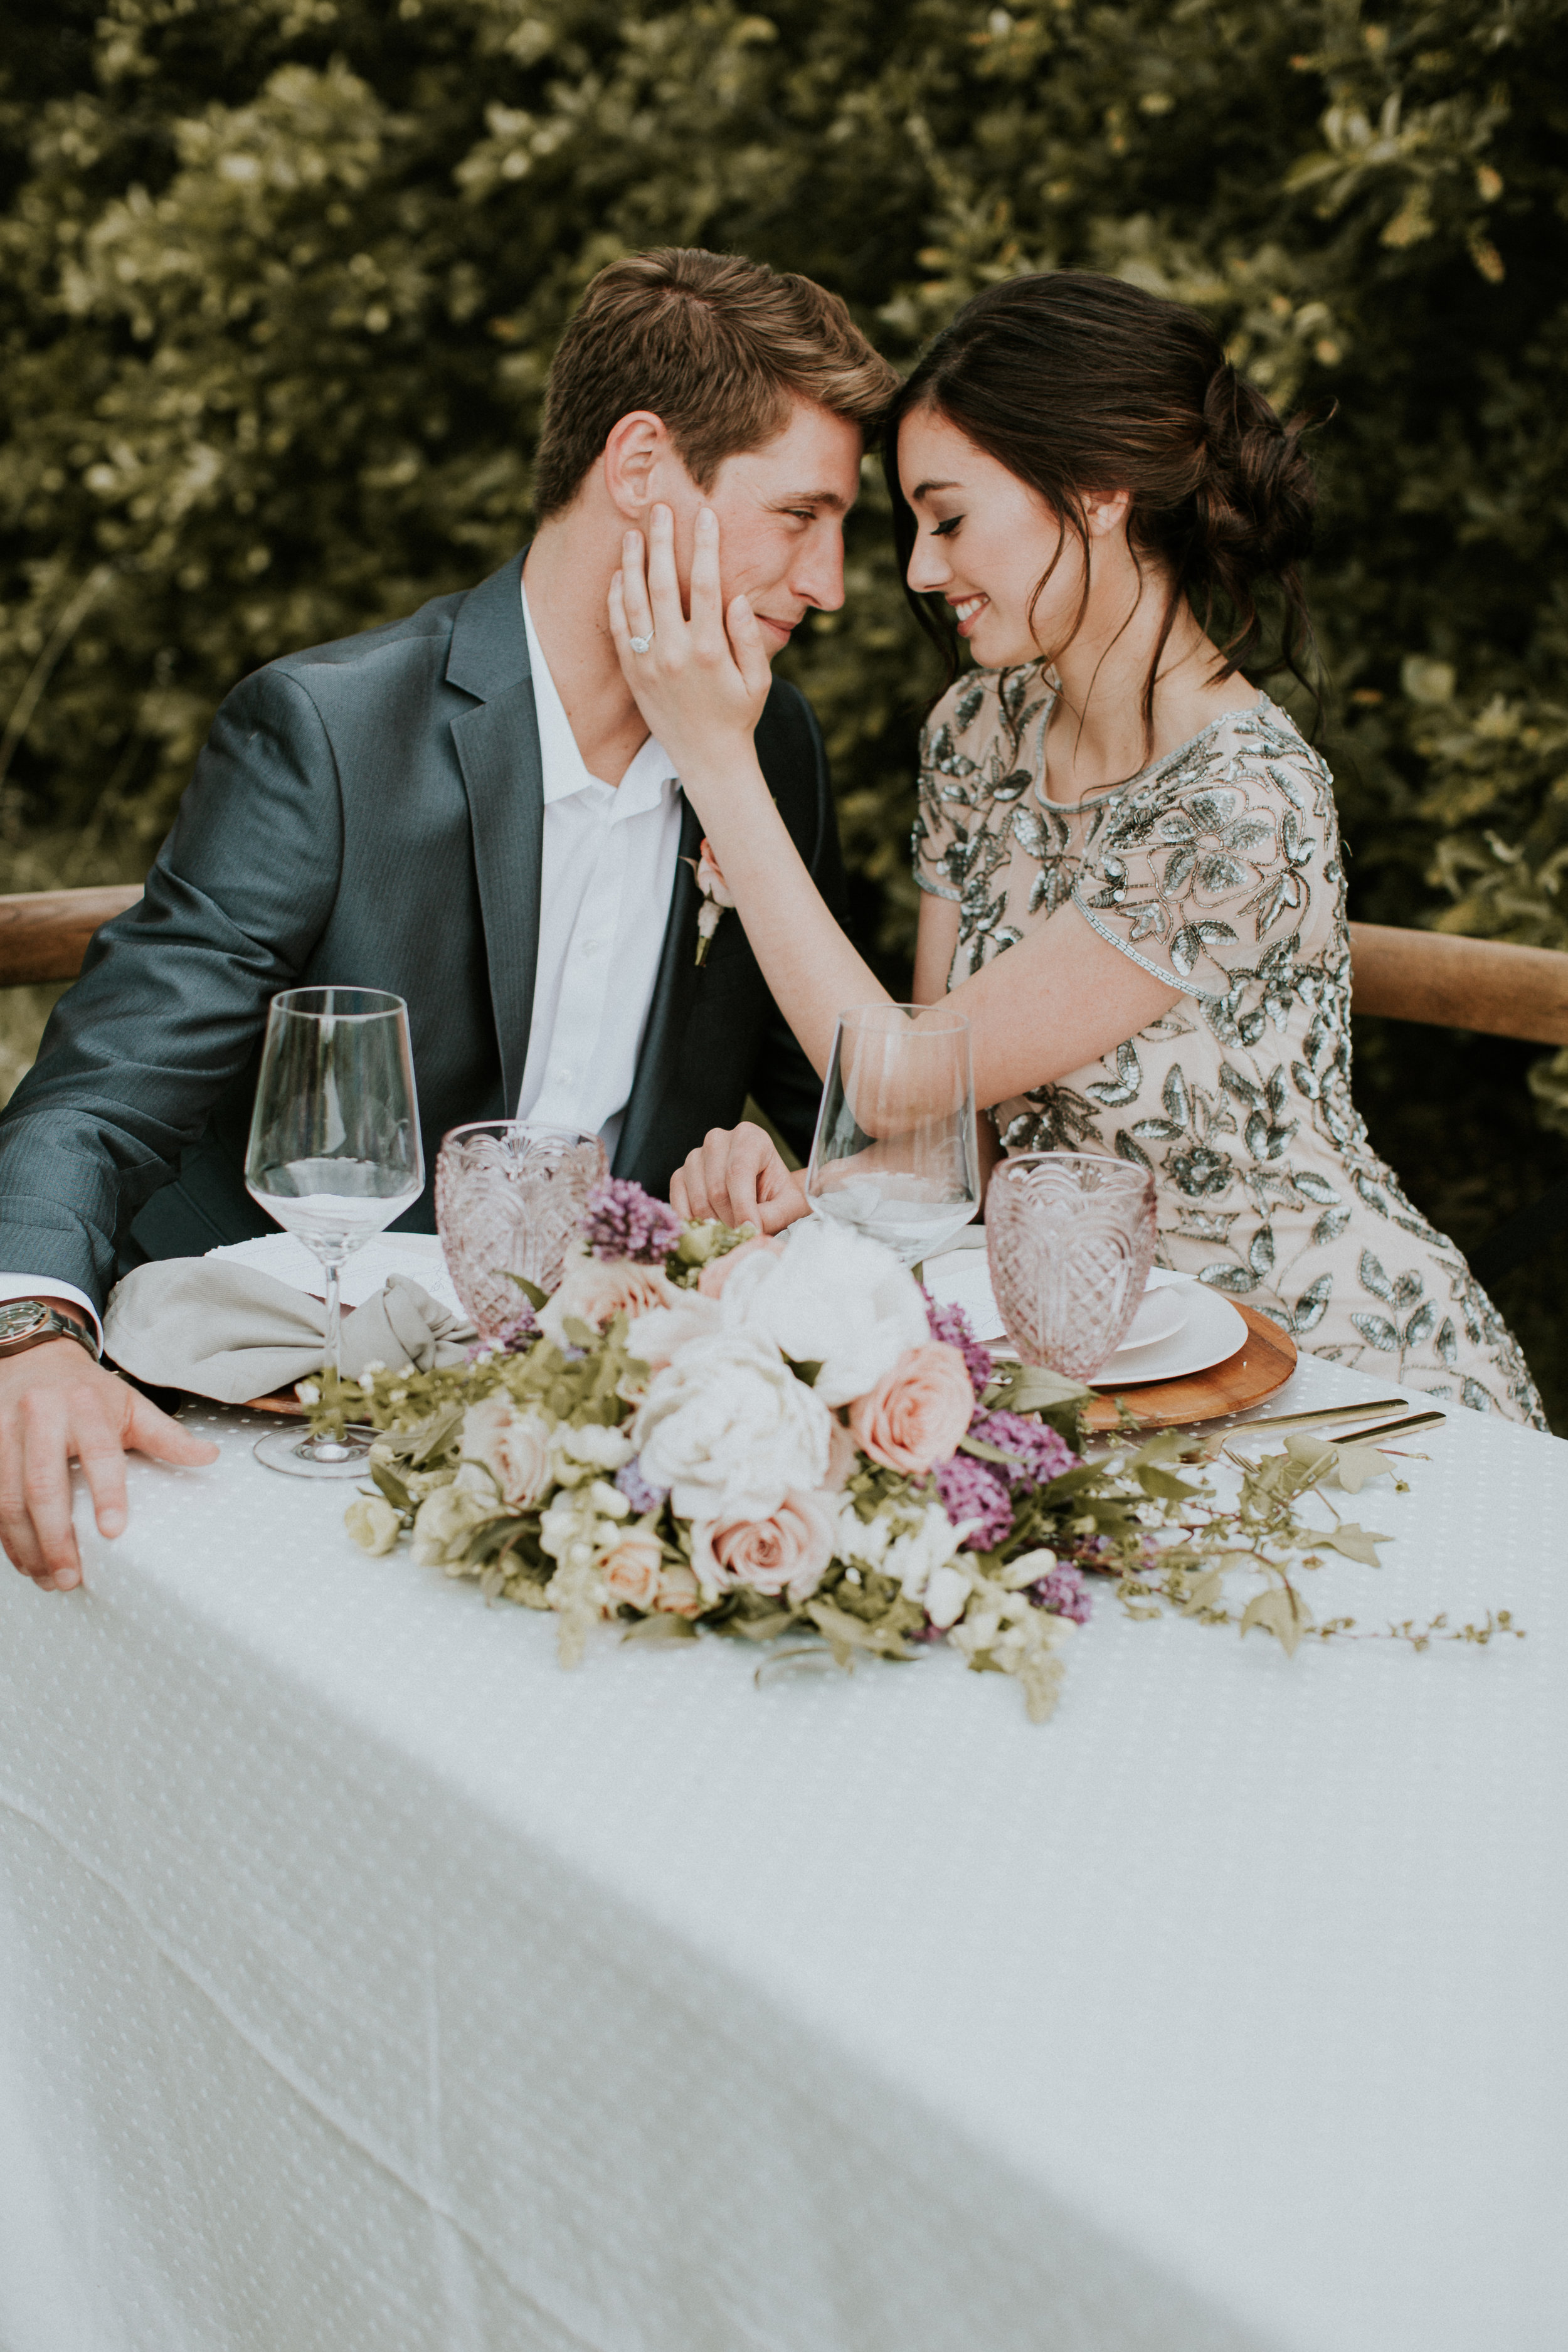 Denver-wedding-hairstylist-updo-artist-wedding-hair-bride-bridesmaids